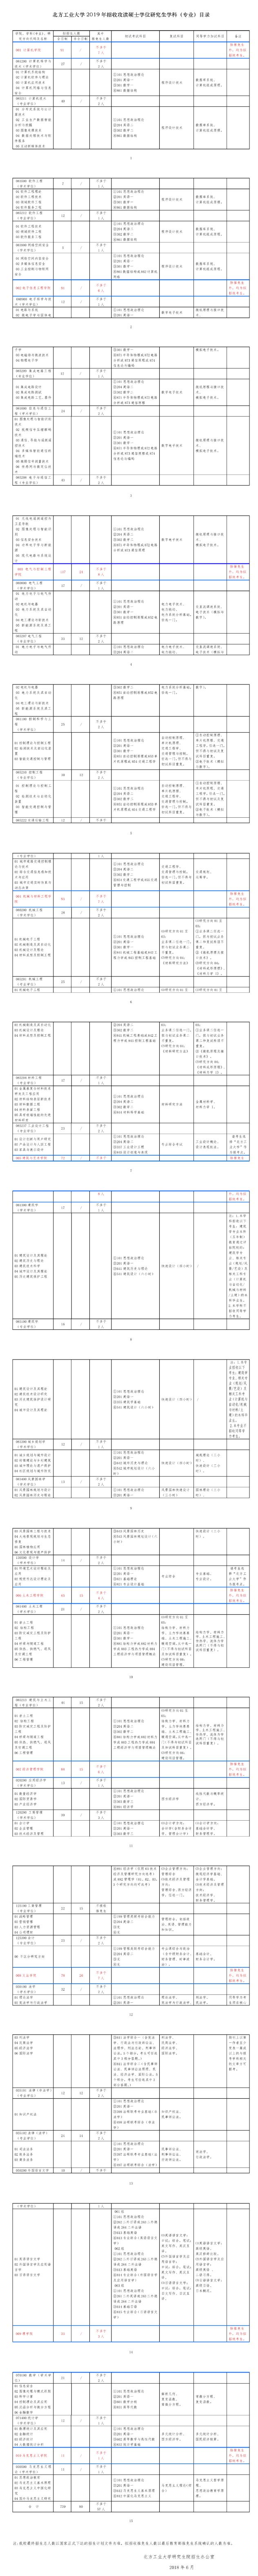 北方工业大学2019考研专业目录